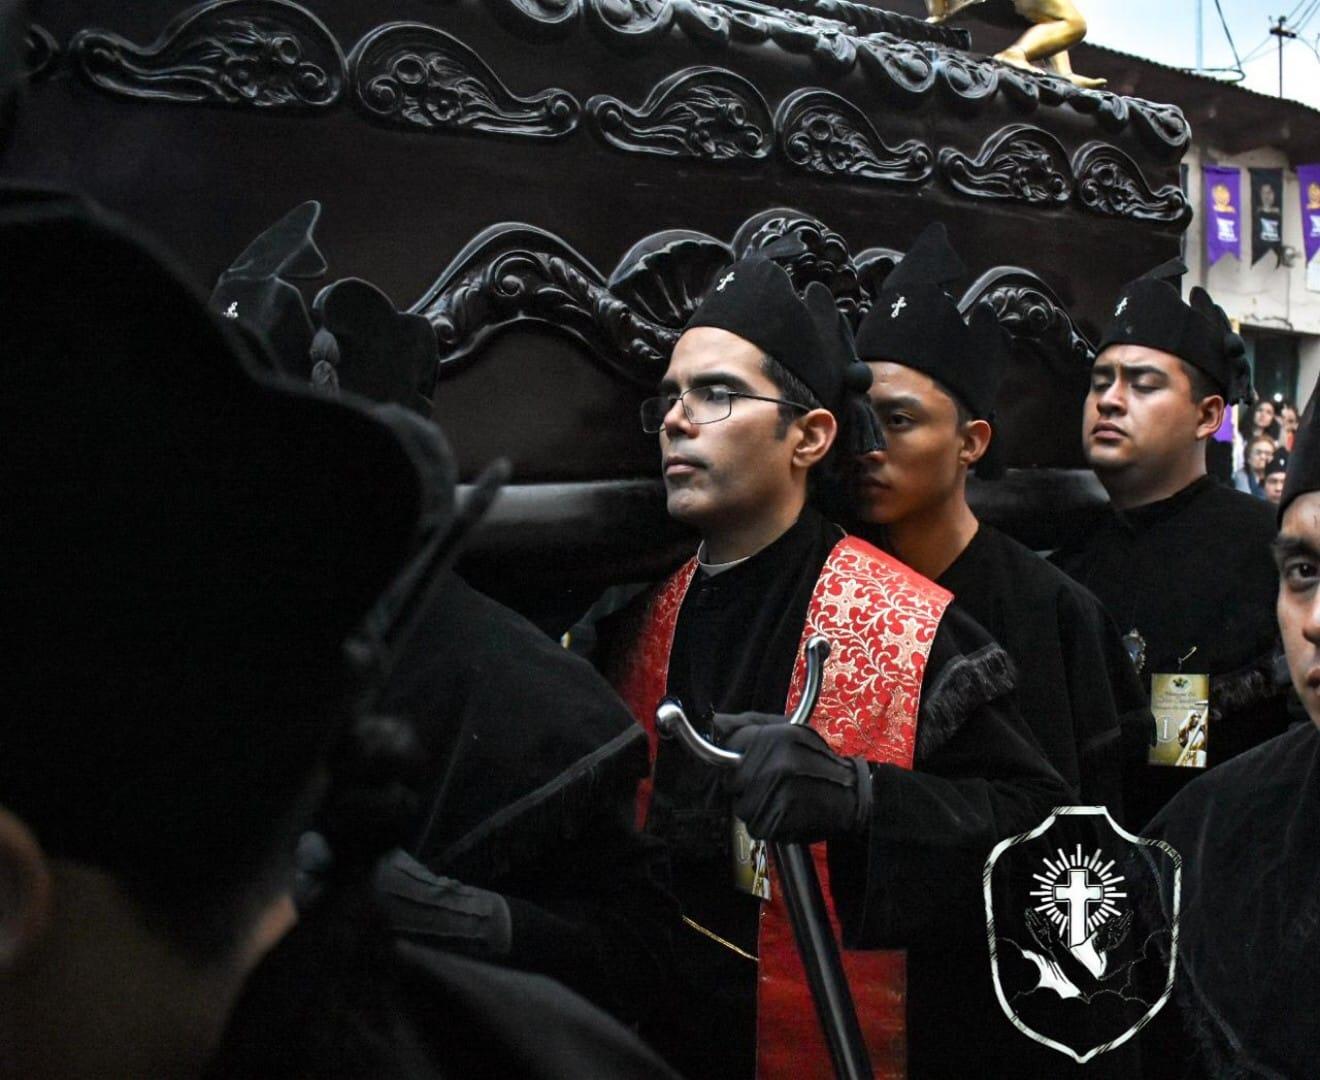 Juan José De Abreu –estola roja– párroco de la iglesia San Bartolomé es el primer sacerdote que participa en una procesión de Semana Santa en Xela. (Foto Prensa Libre: Cortesía)